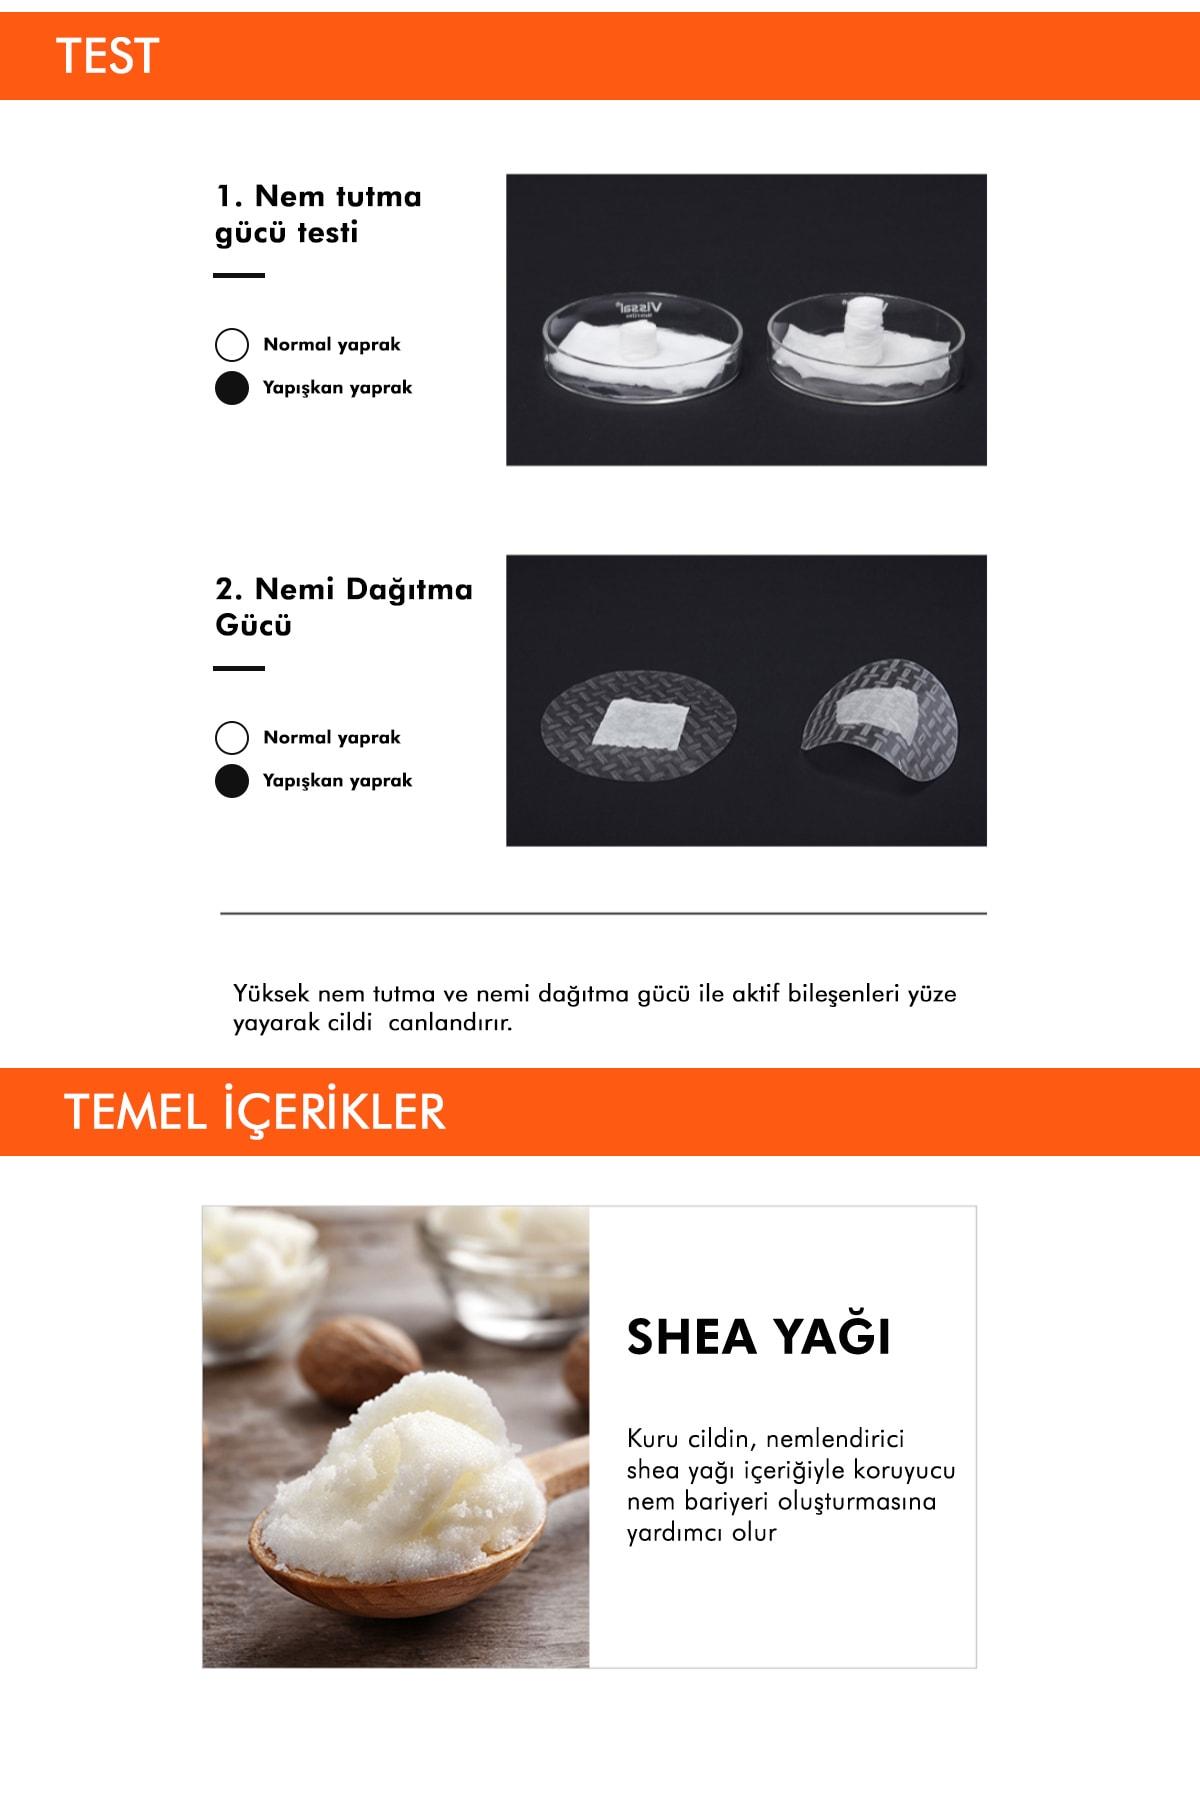 Missha Shea Yağı Besleyici ve Yoğun Nemlendirici Yaprak Maske (1ad) Airy Fit Sheet Mask Shea Butter 3